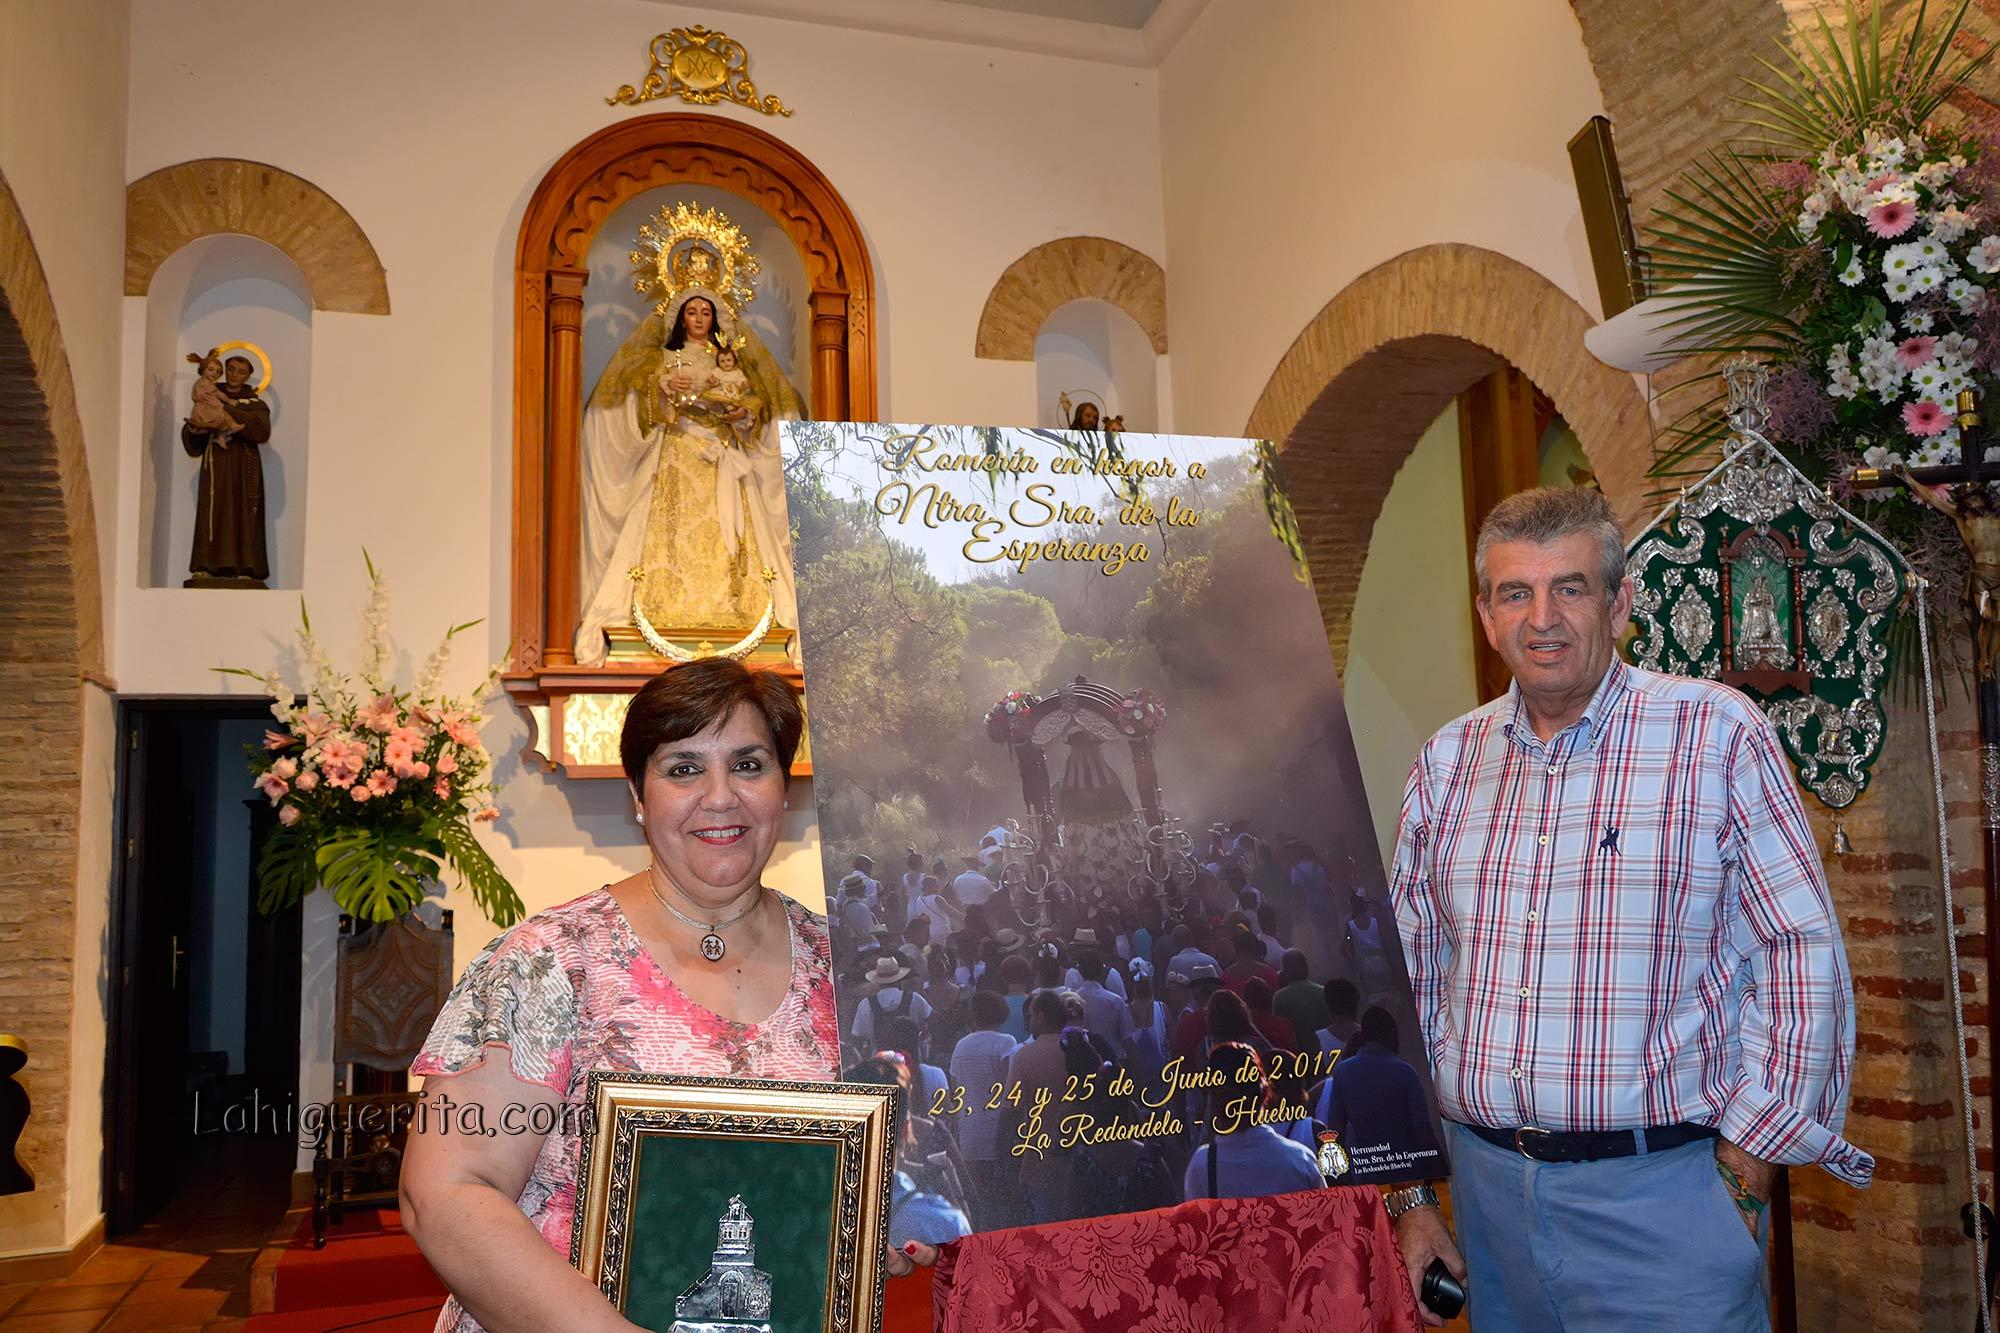 Presentacion del cartel realizado por Encarna González Mascareña para la celebración de la Romería de La Redondela 2017